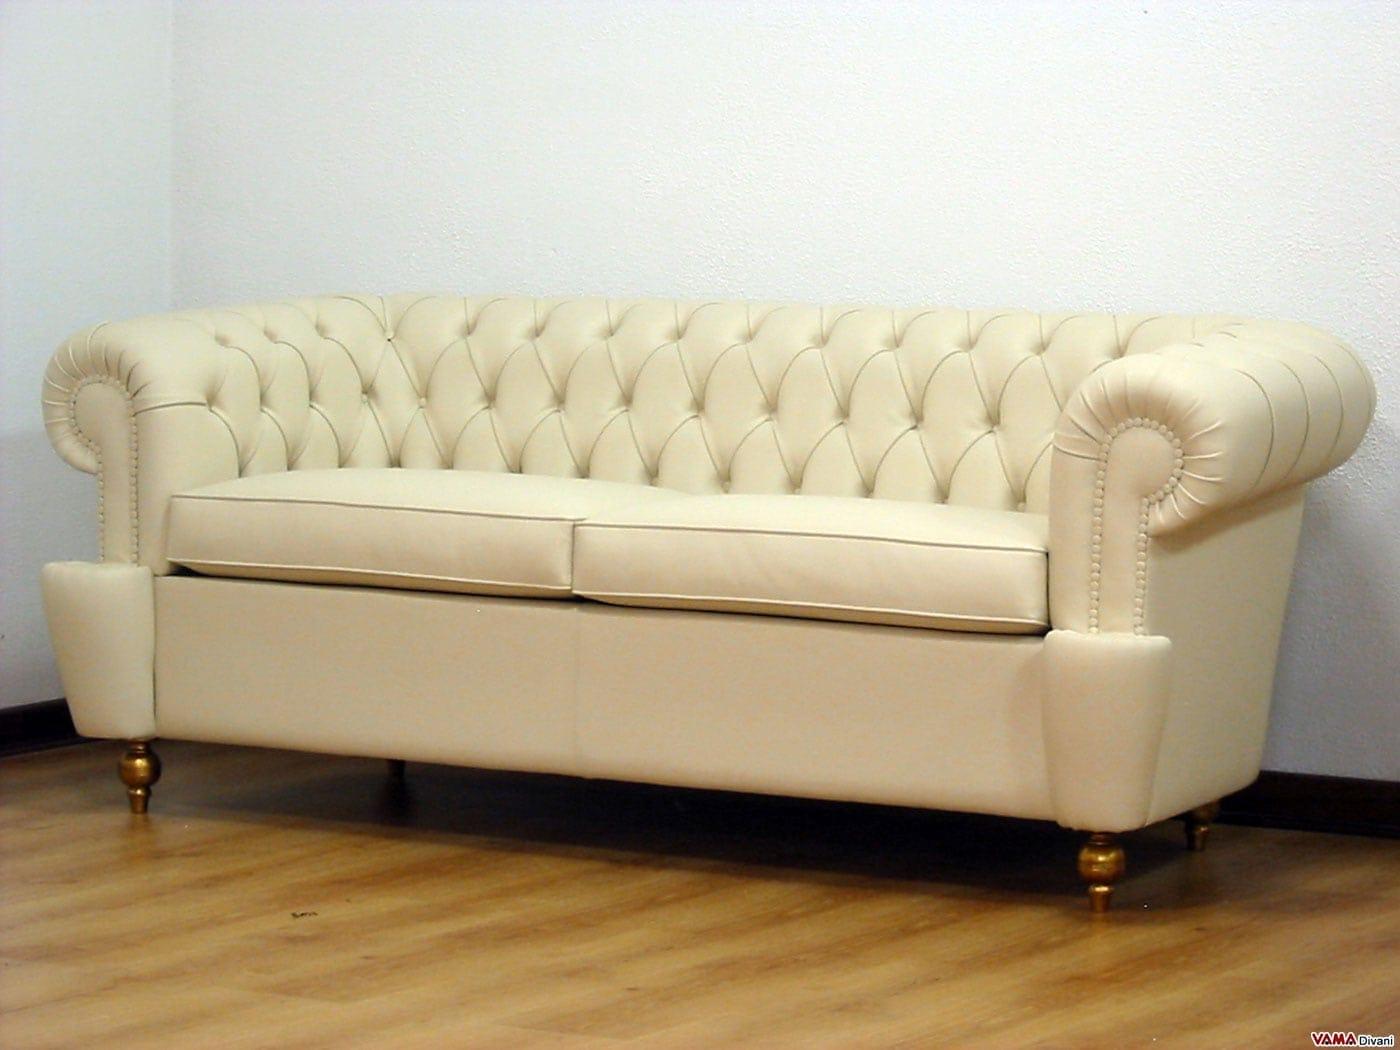 Divano chesterfield copridivano elegante - Copridivano per divano in pelle ...